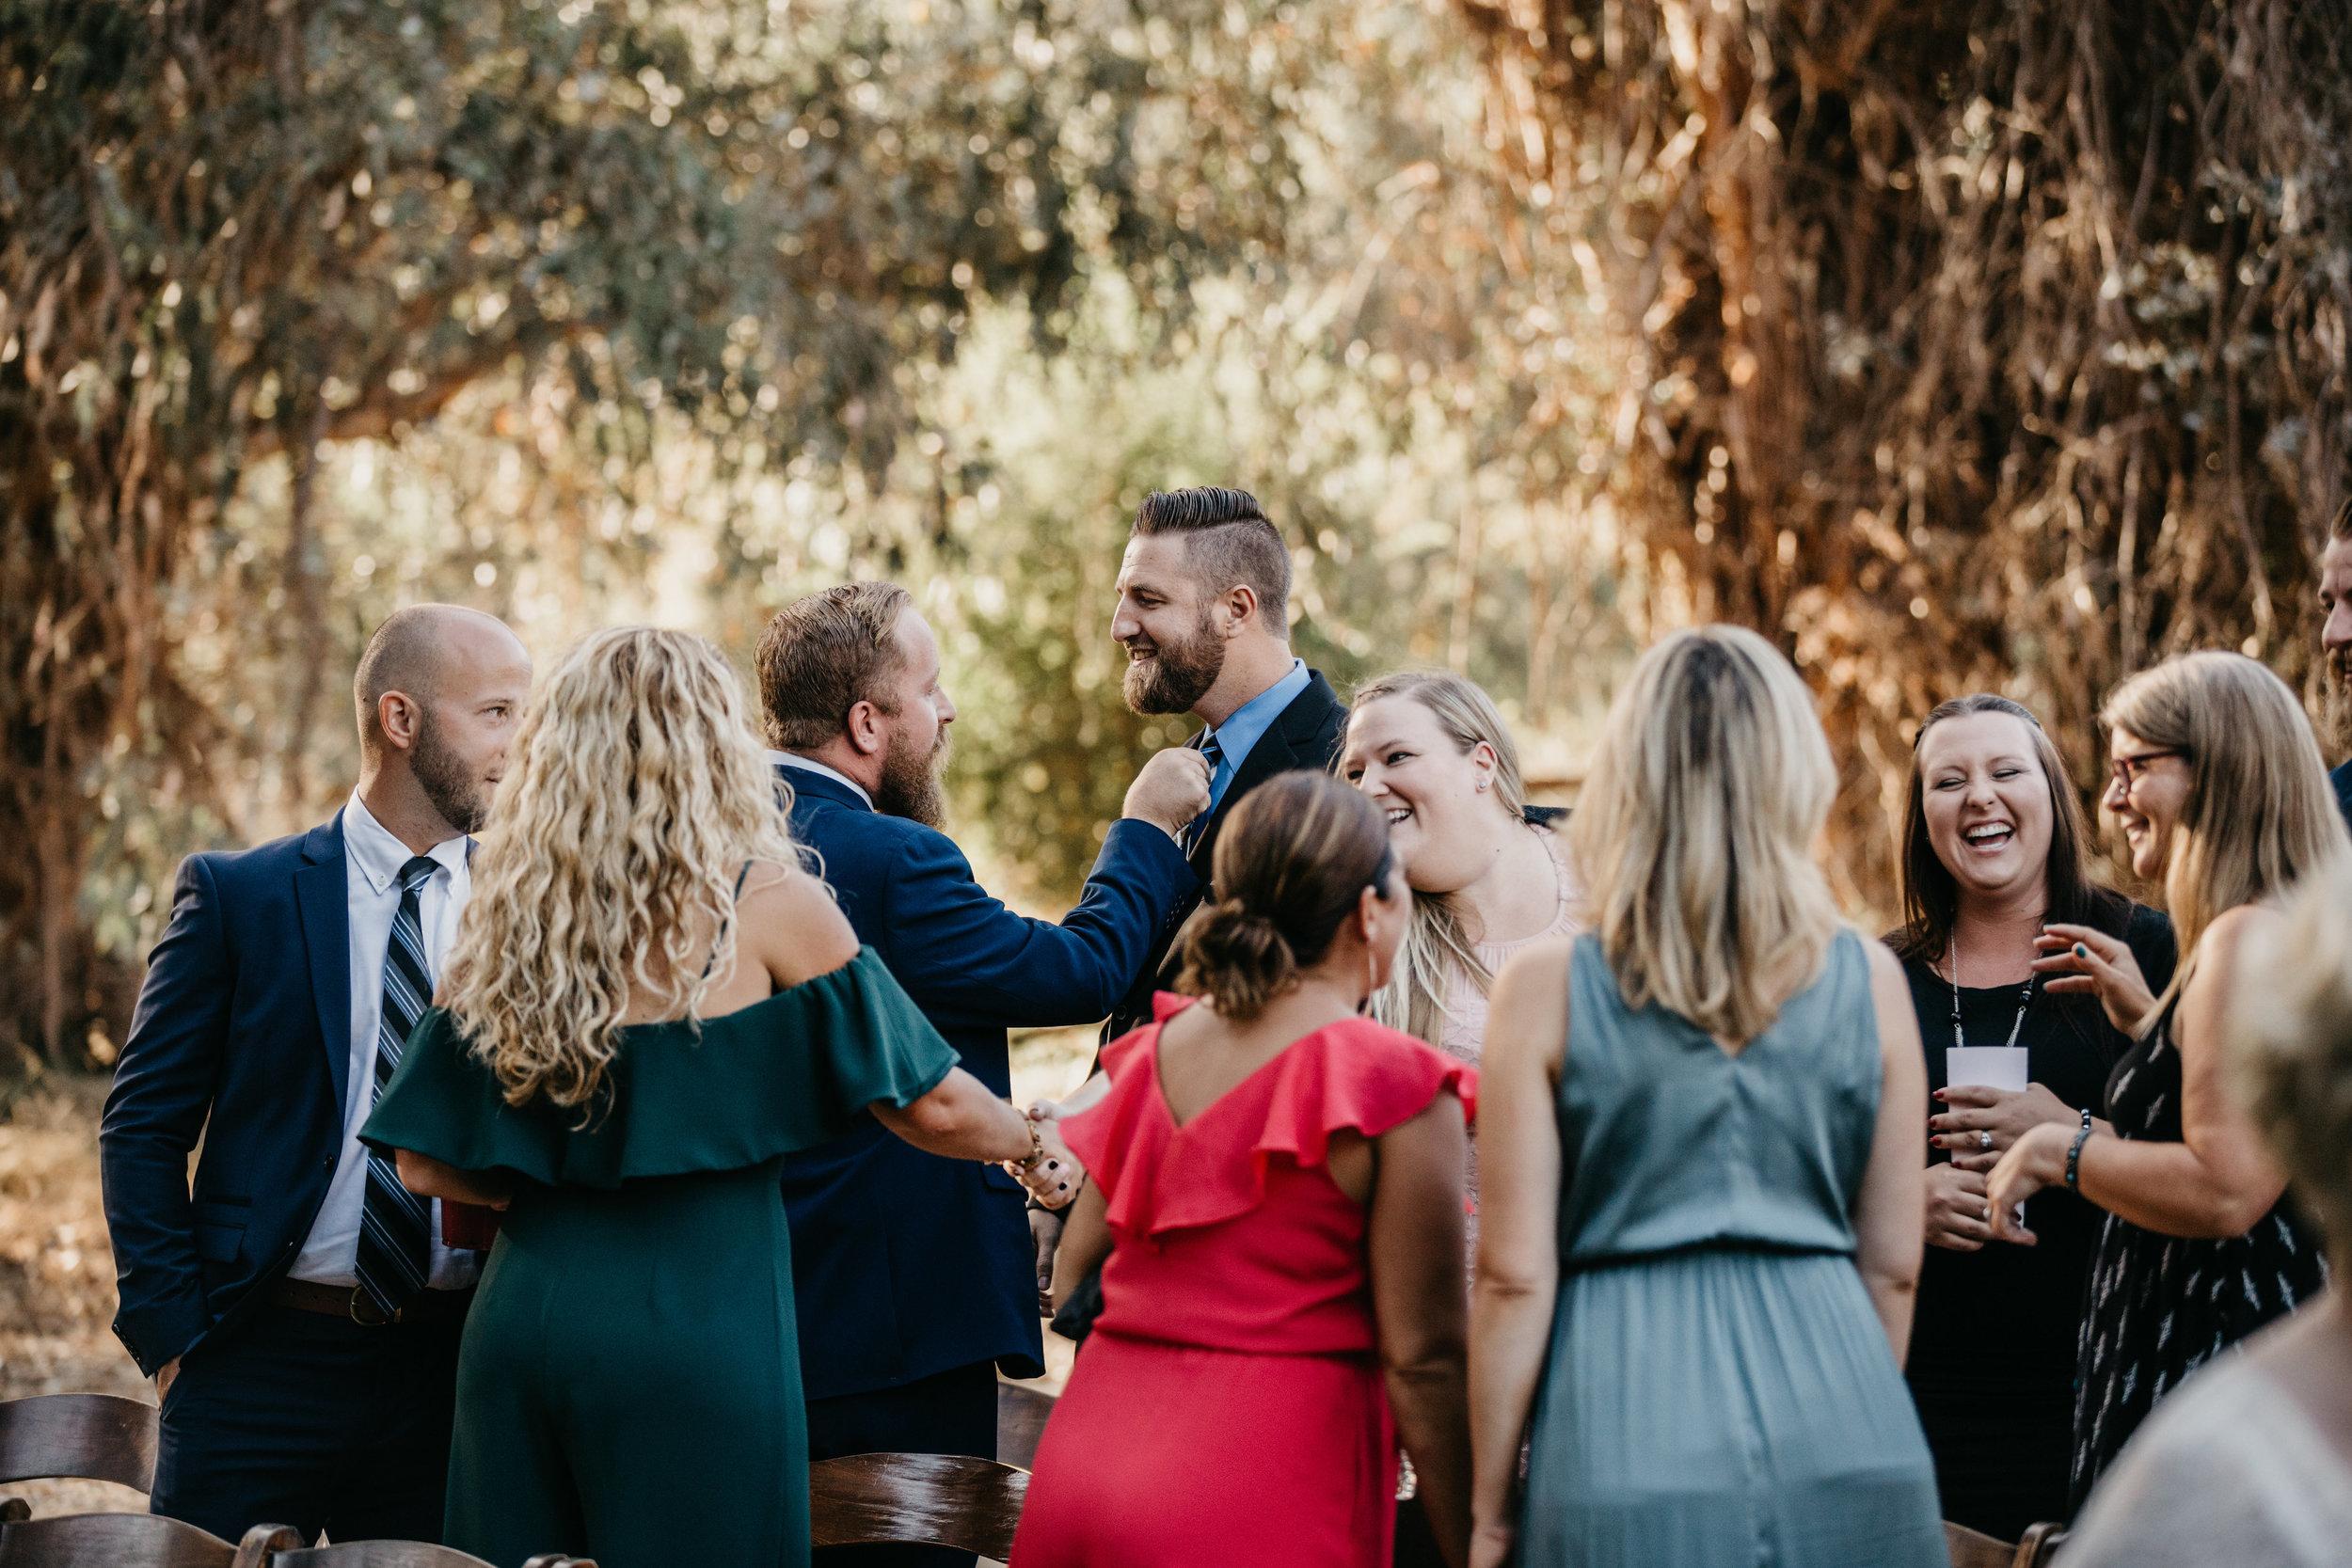 DianaLakePhoto-L+M-San-Diego-Wedding-Ceremony02.jpg